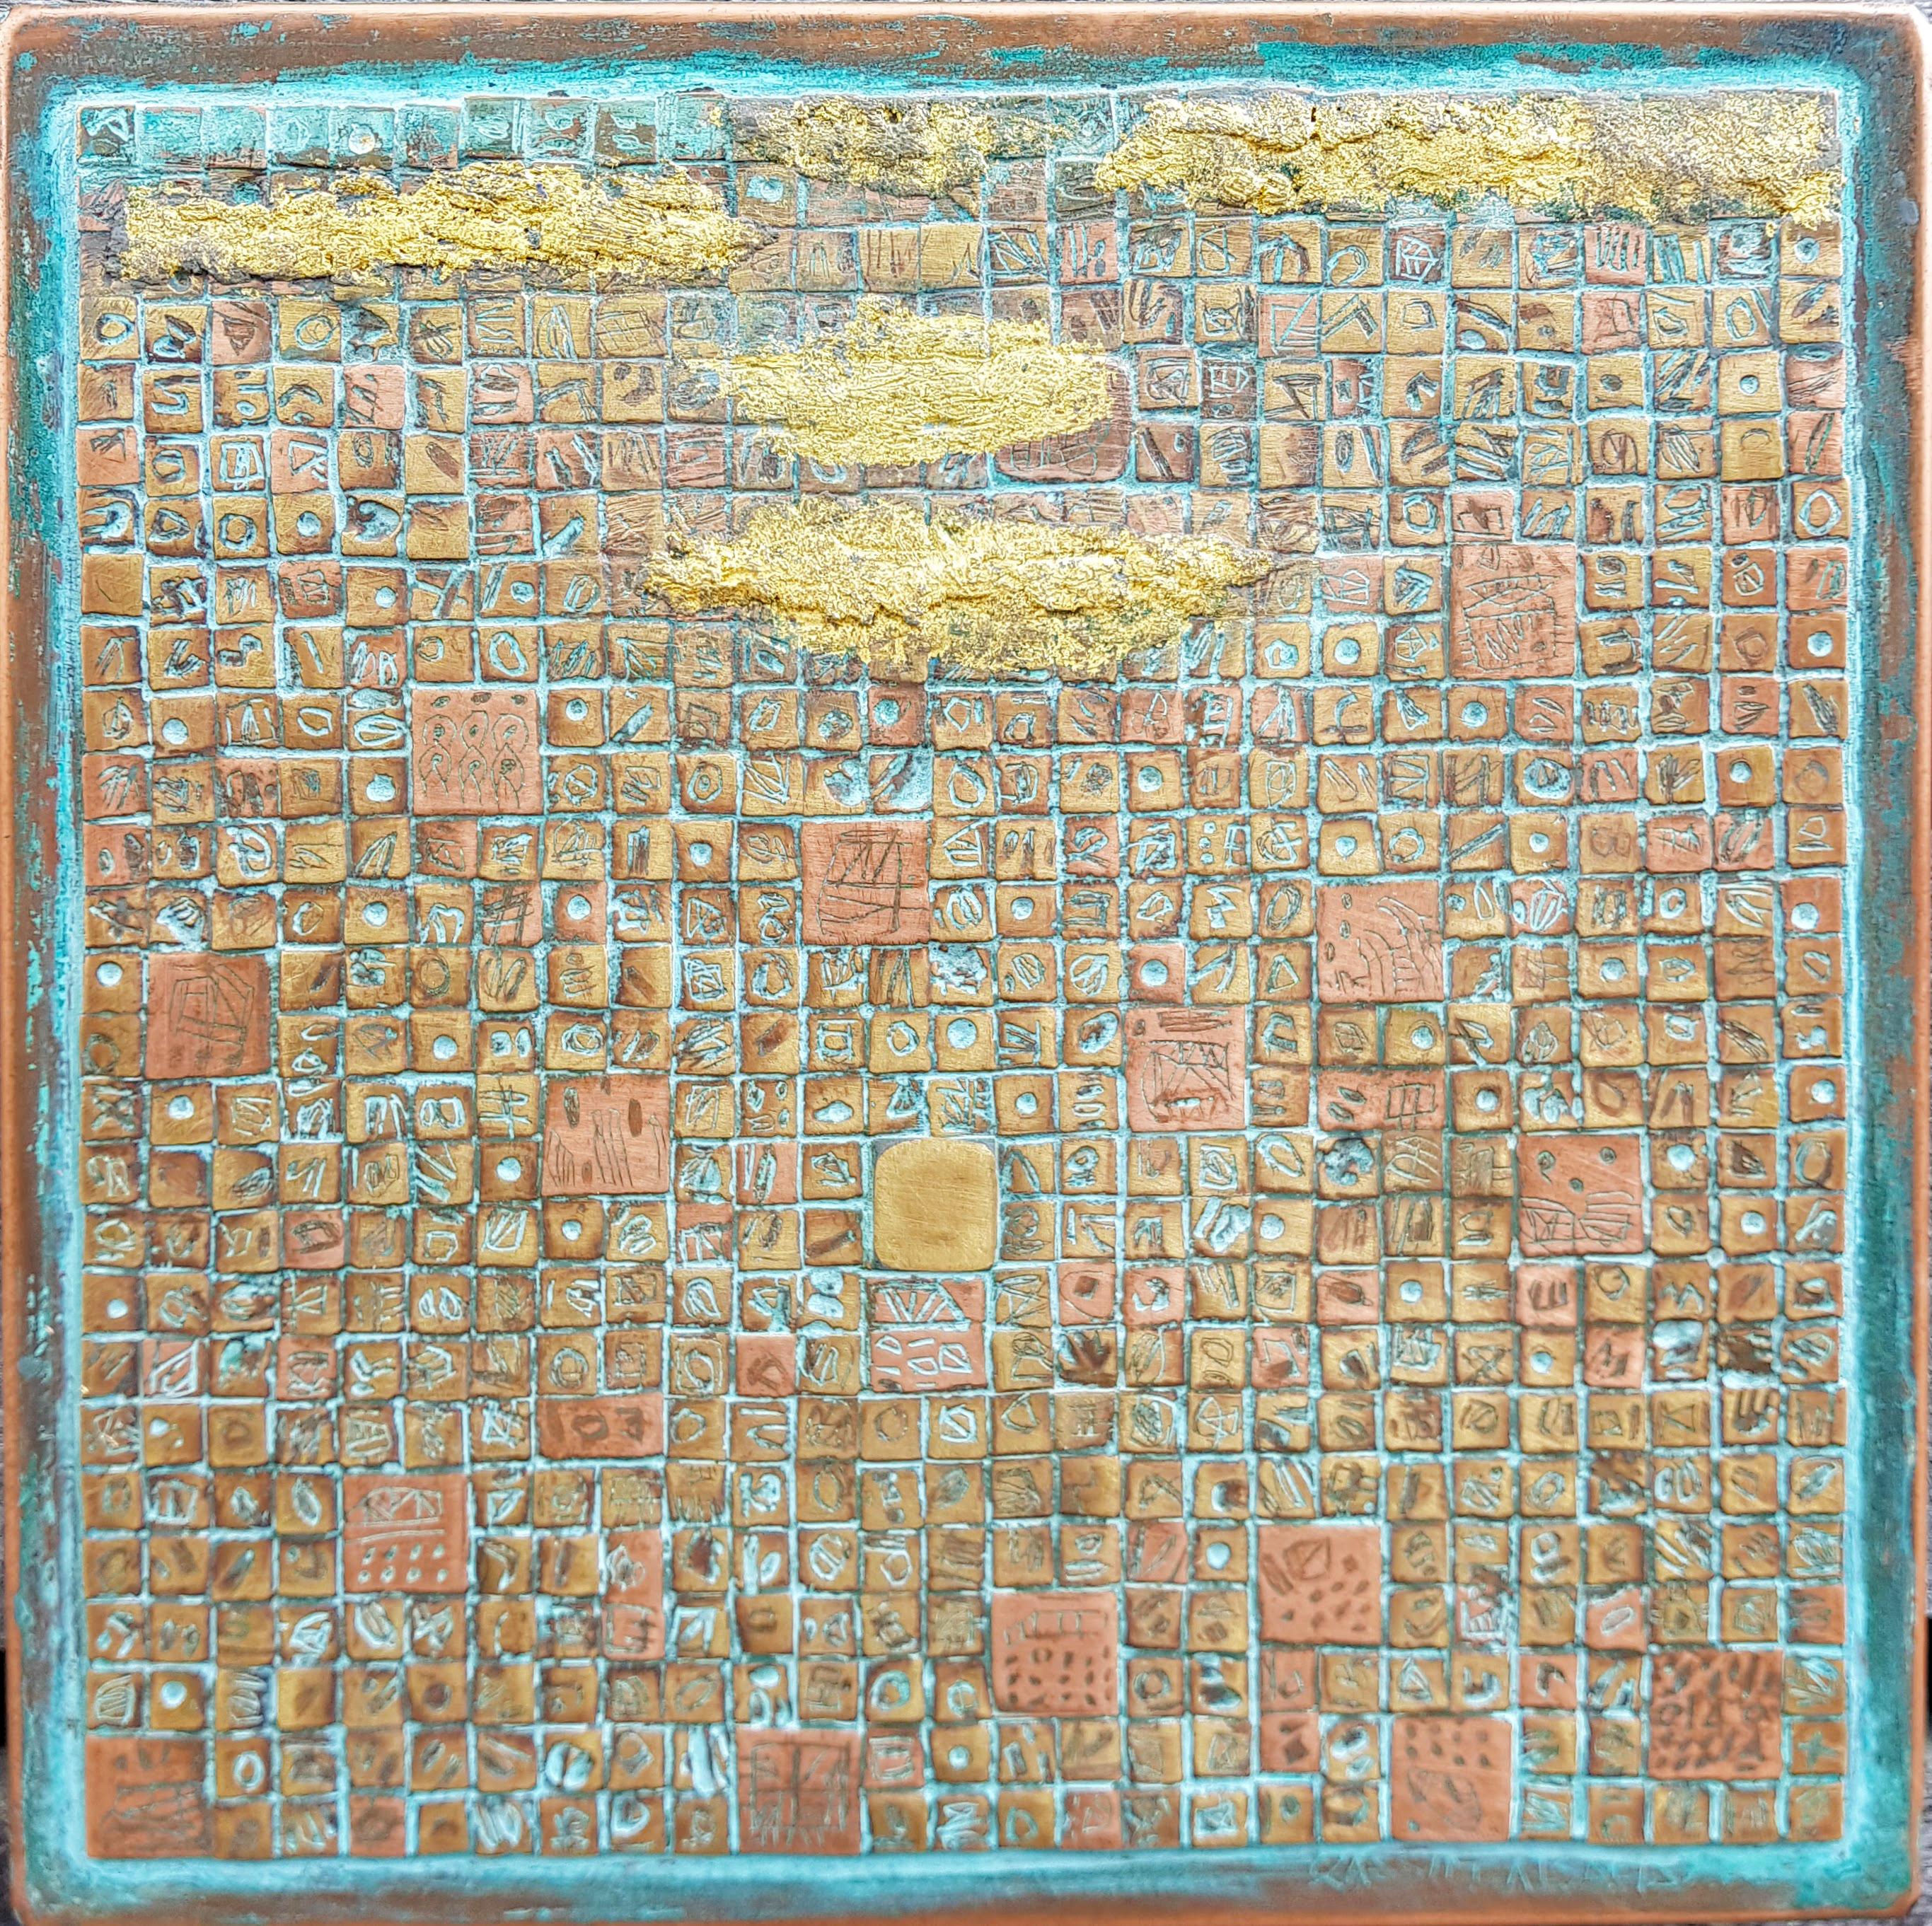 The Sun Fields- Qassim Alsaedy